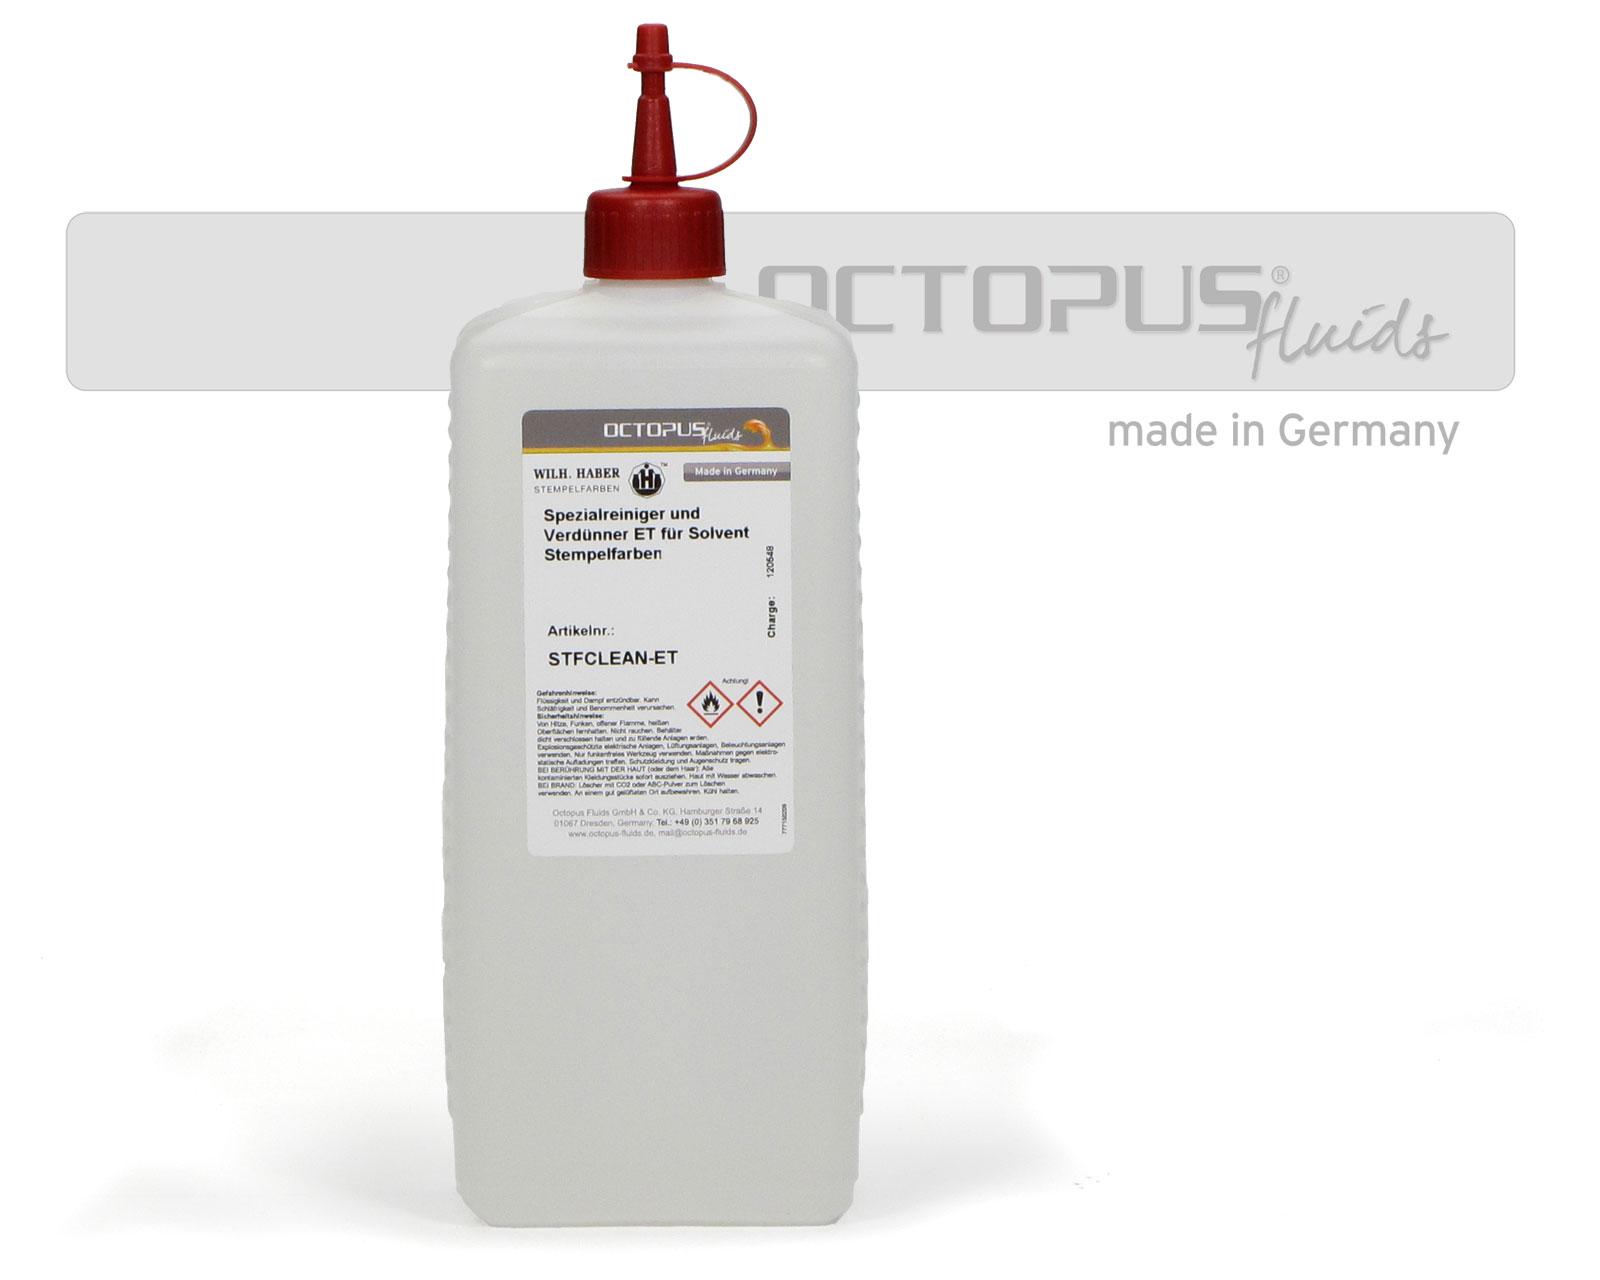 Reiniger und Verdünner für Solvent Tinten und Stempelfarben